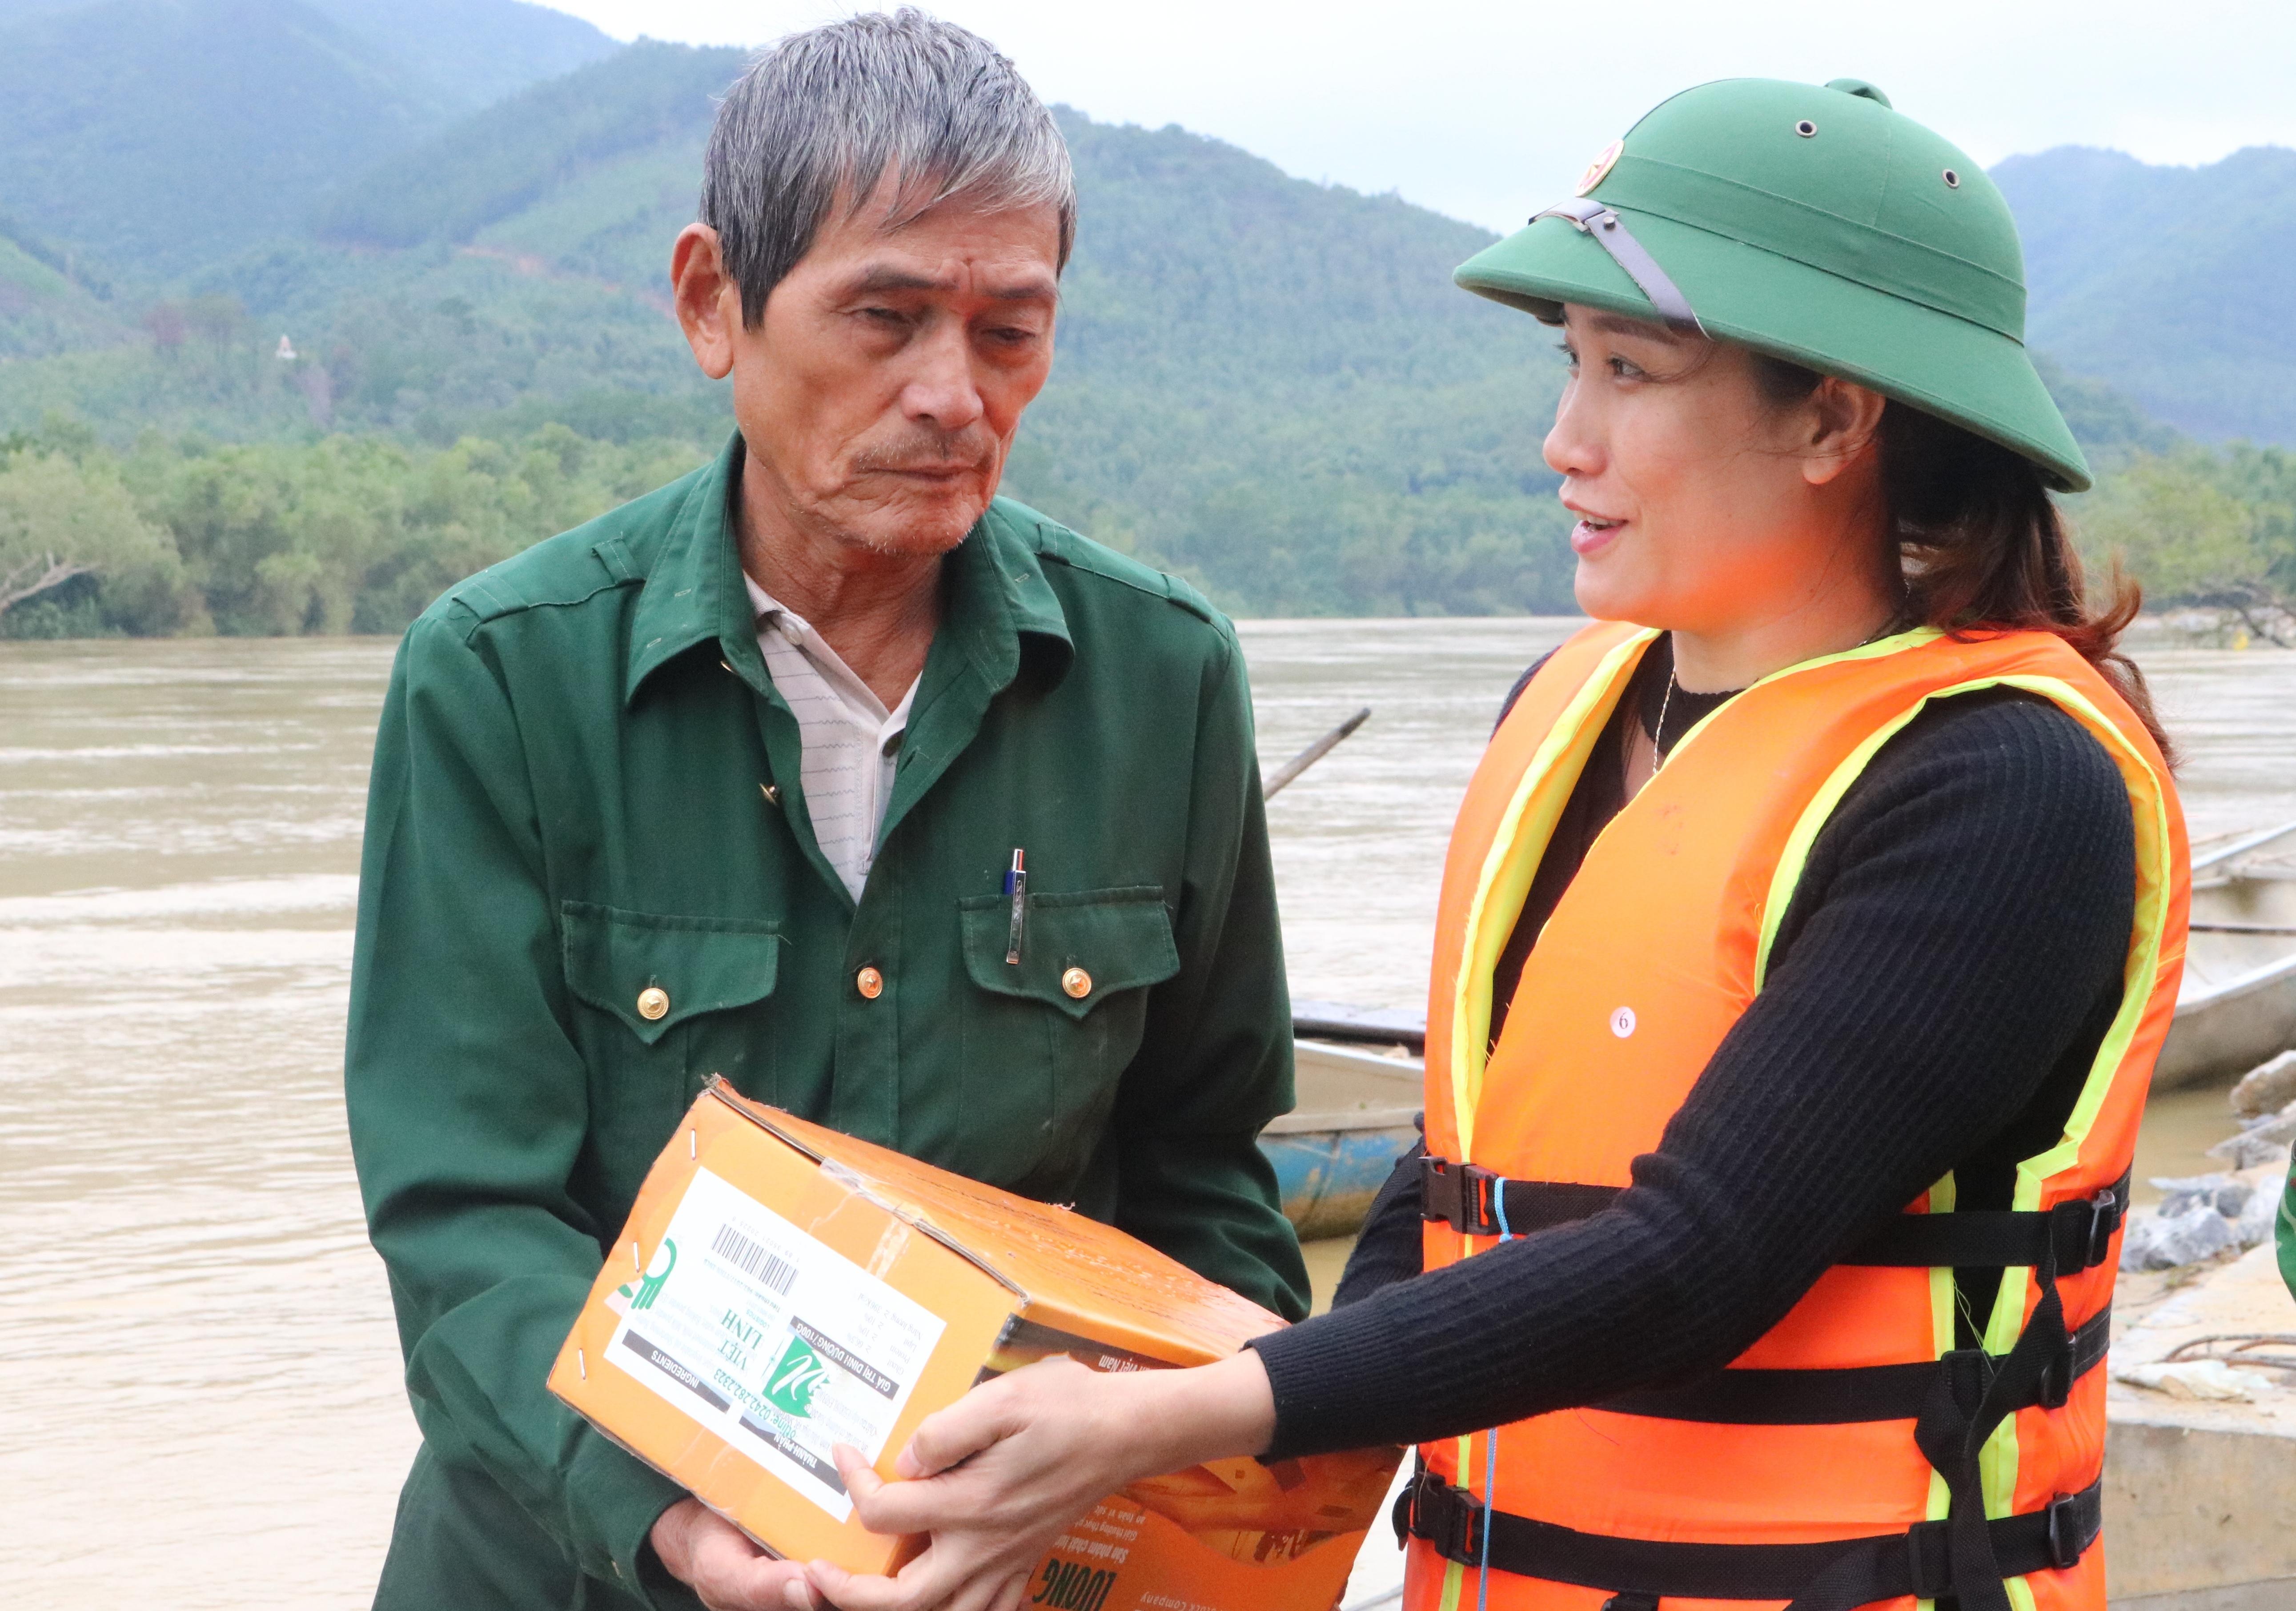 Phó Chủ tịch Ủy ban MTTQ Việt Nam thị xã Ba Đồn động viên người dân vượt qua thiên tai để vươn lên.